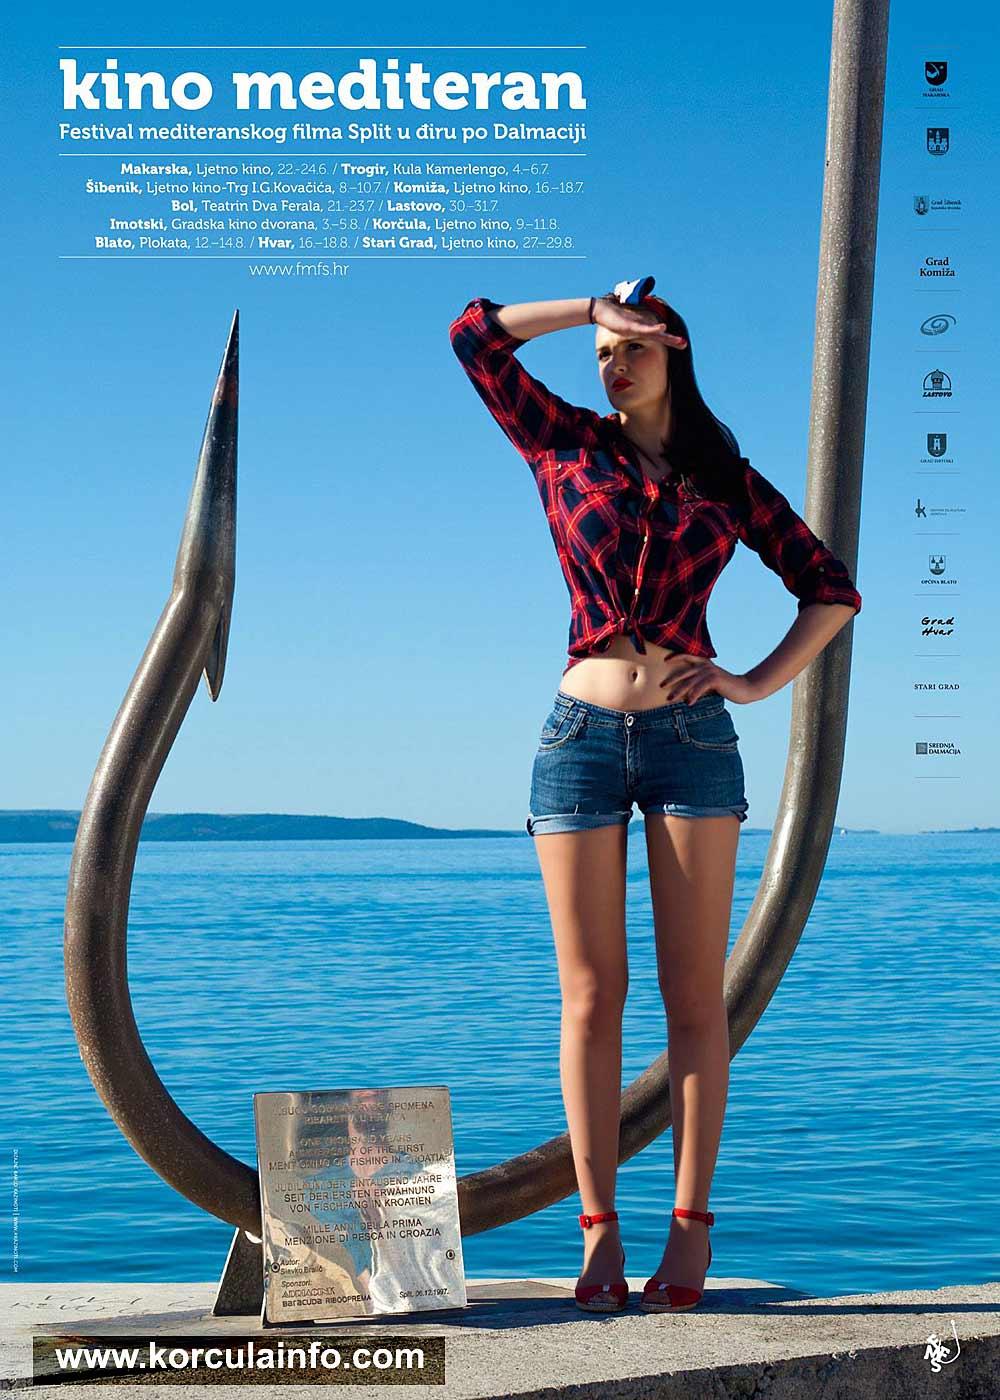 mediteran-filmfestival2013